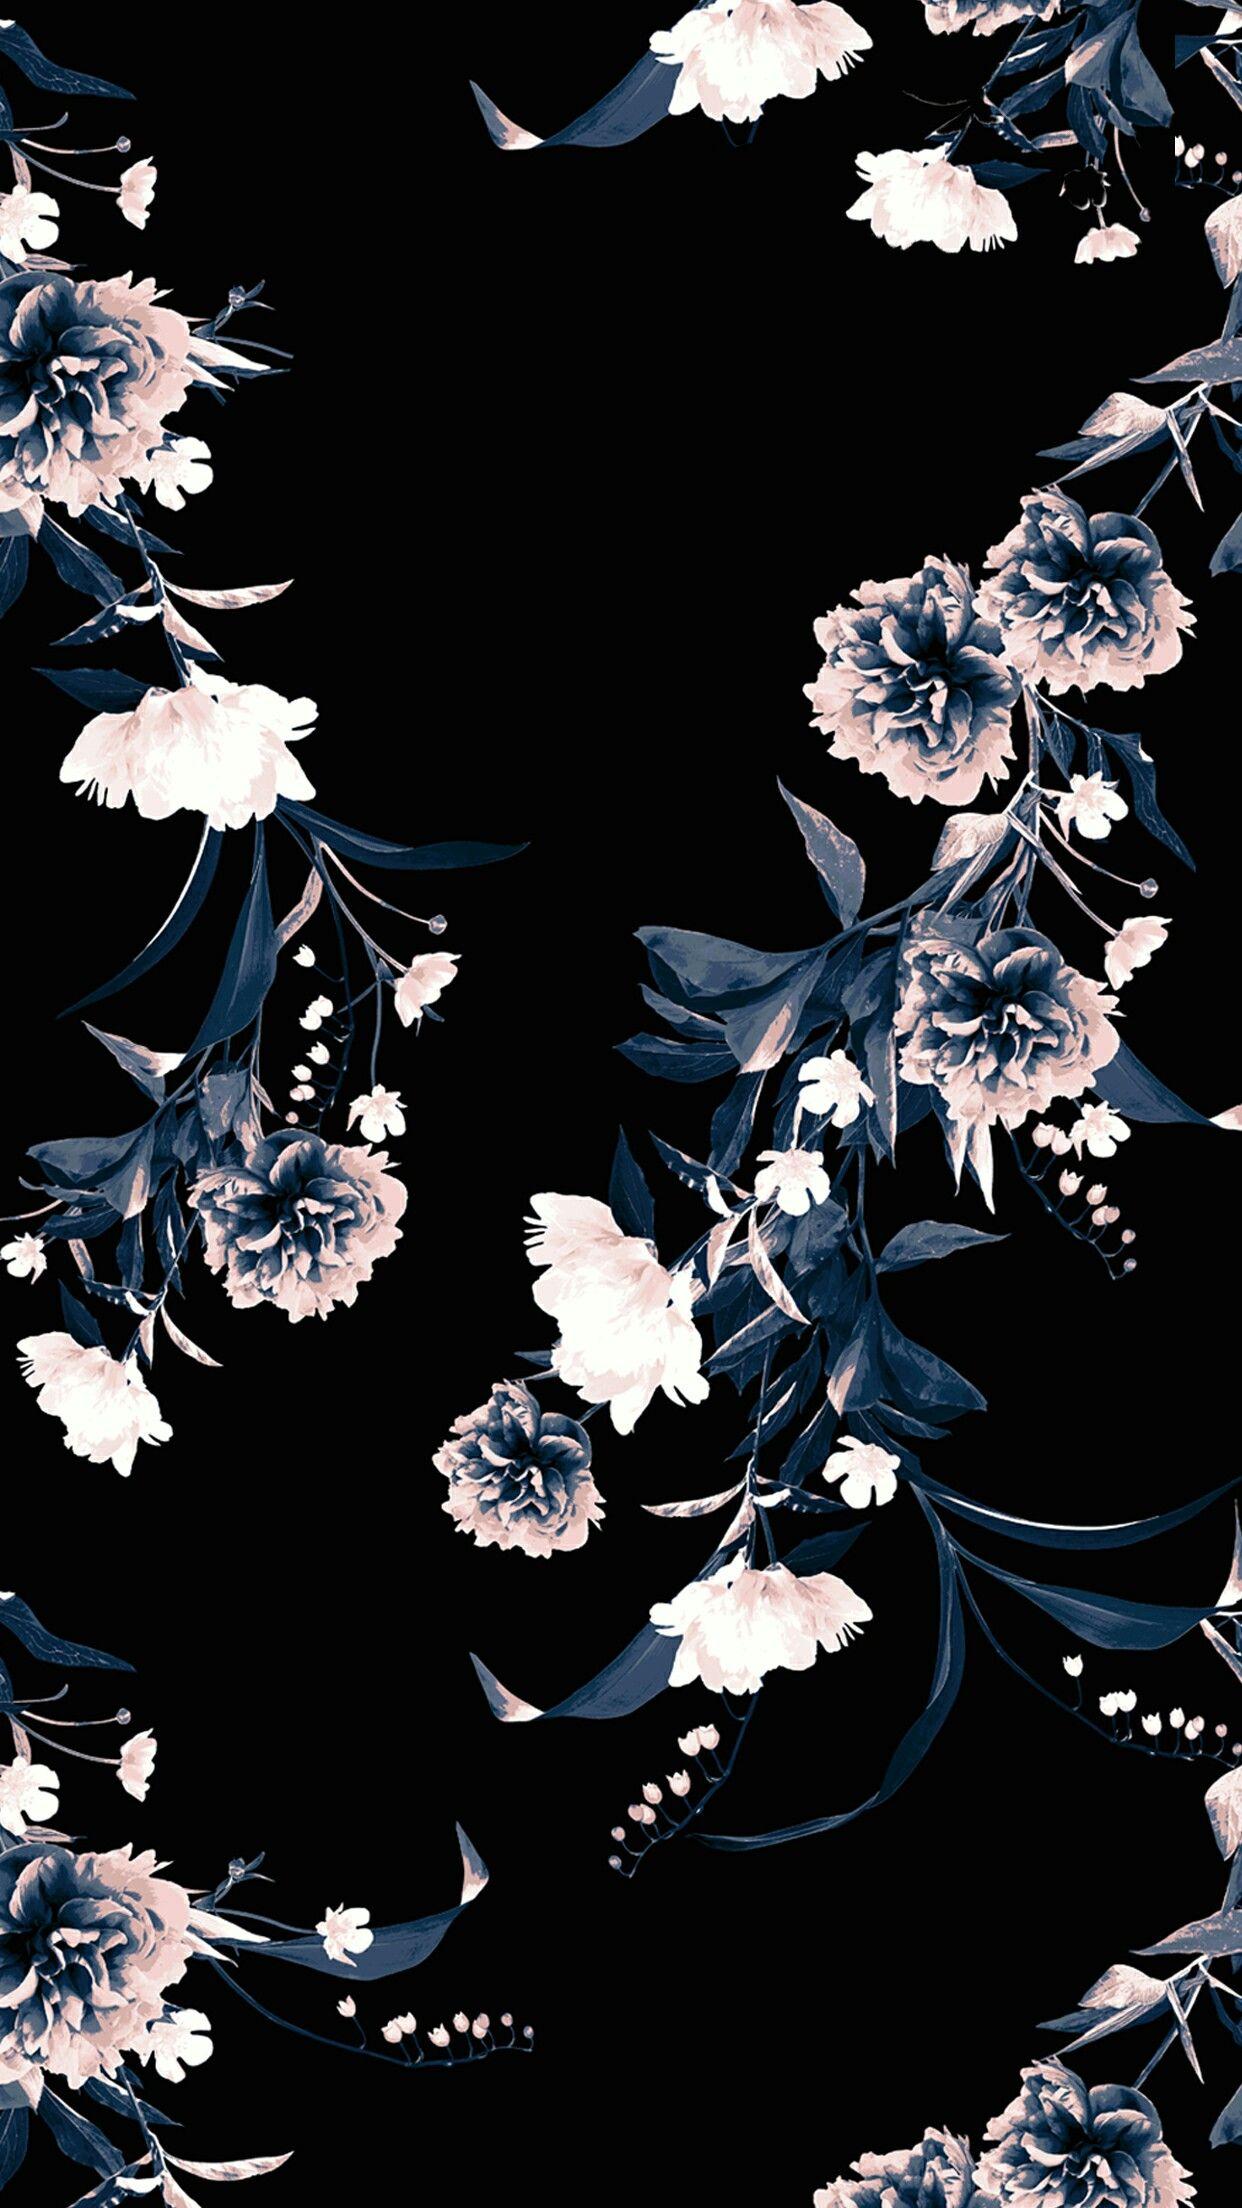 Black floral Floral wallpaper, Flower wallpaper, Art